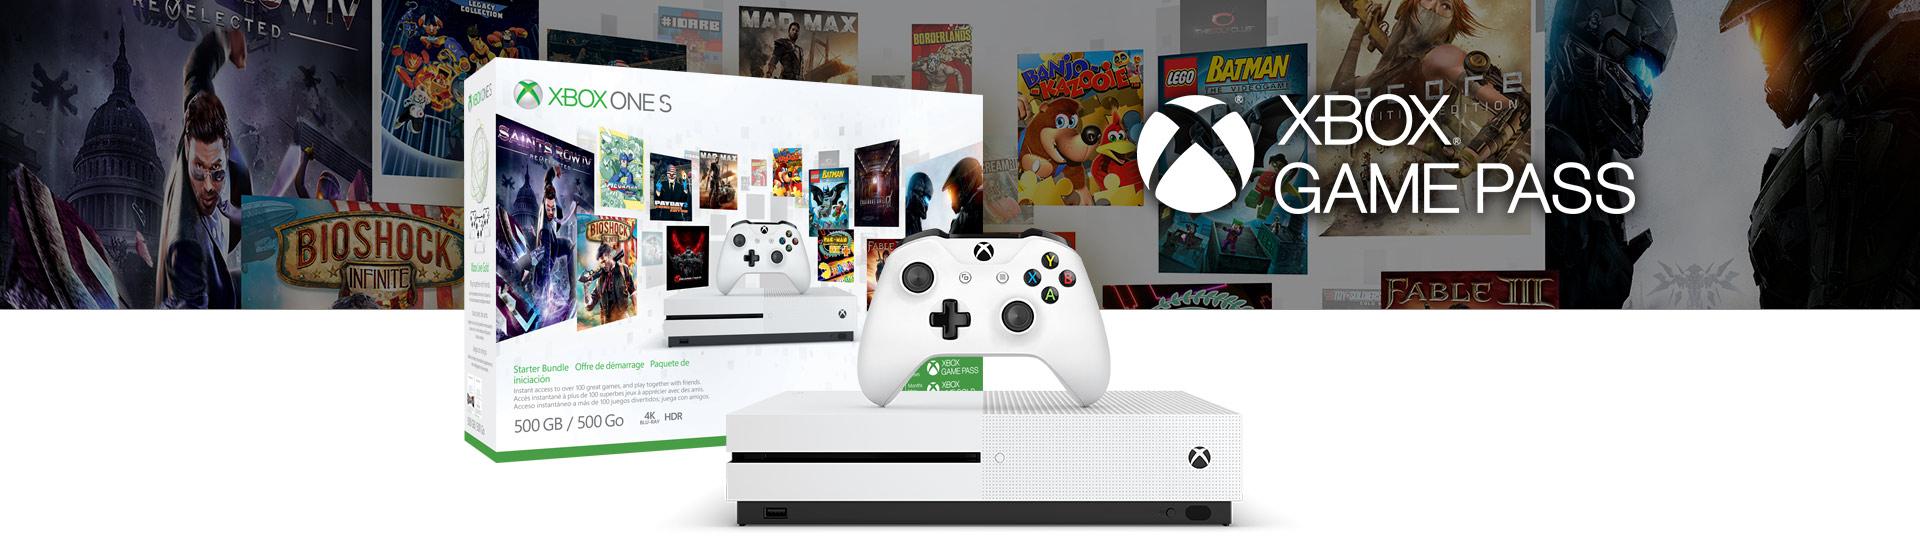 Zestaw startowy zkonsolą Xbox OneS (500GB)